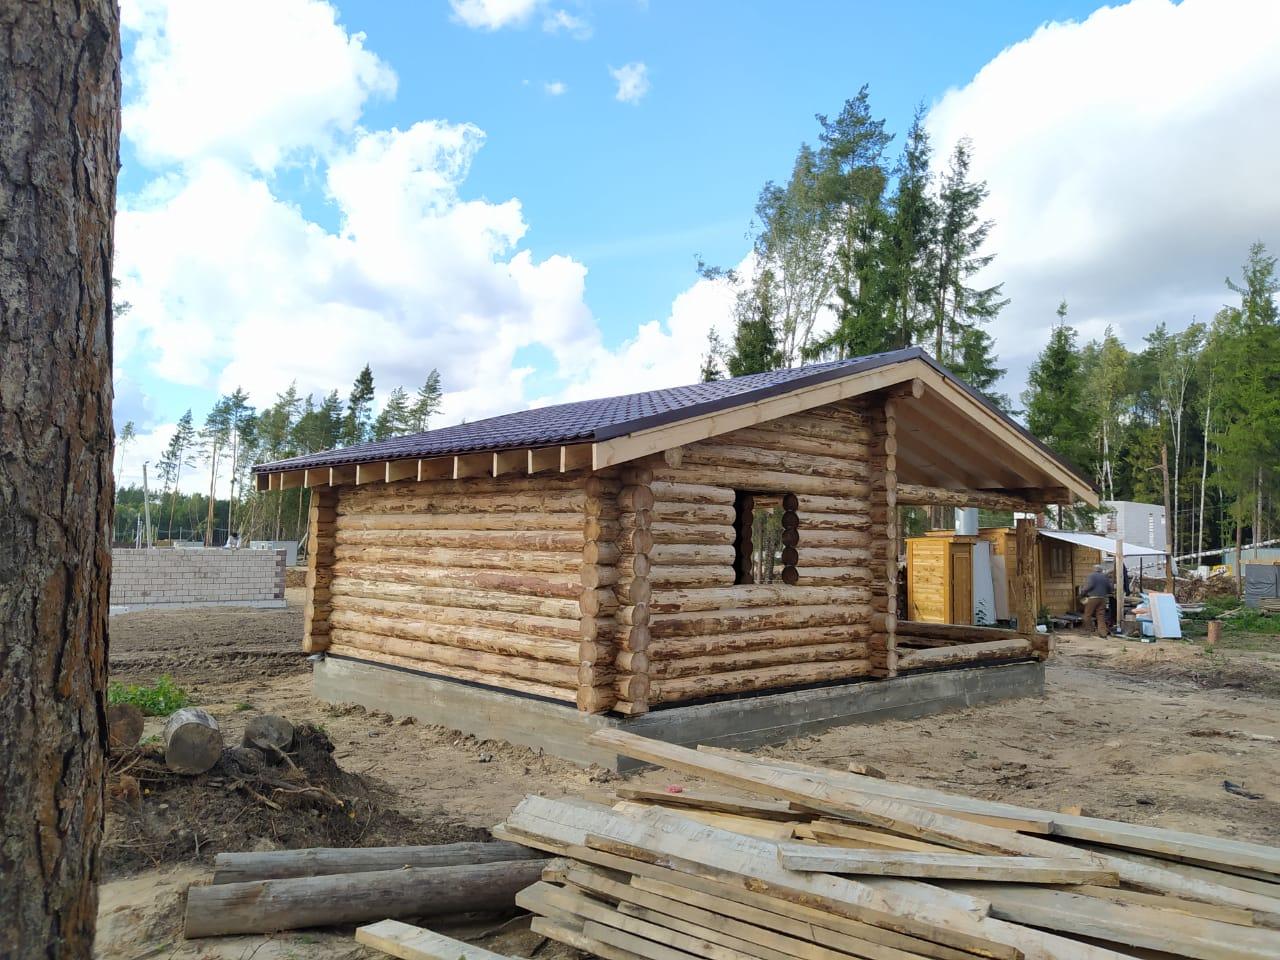 Гостевой дом из окорённого бревна 220 мм. в Балашихе, МО